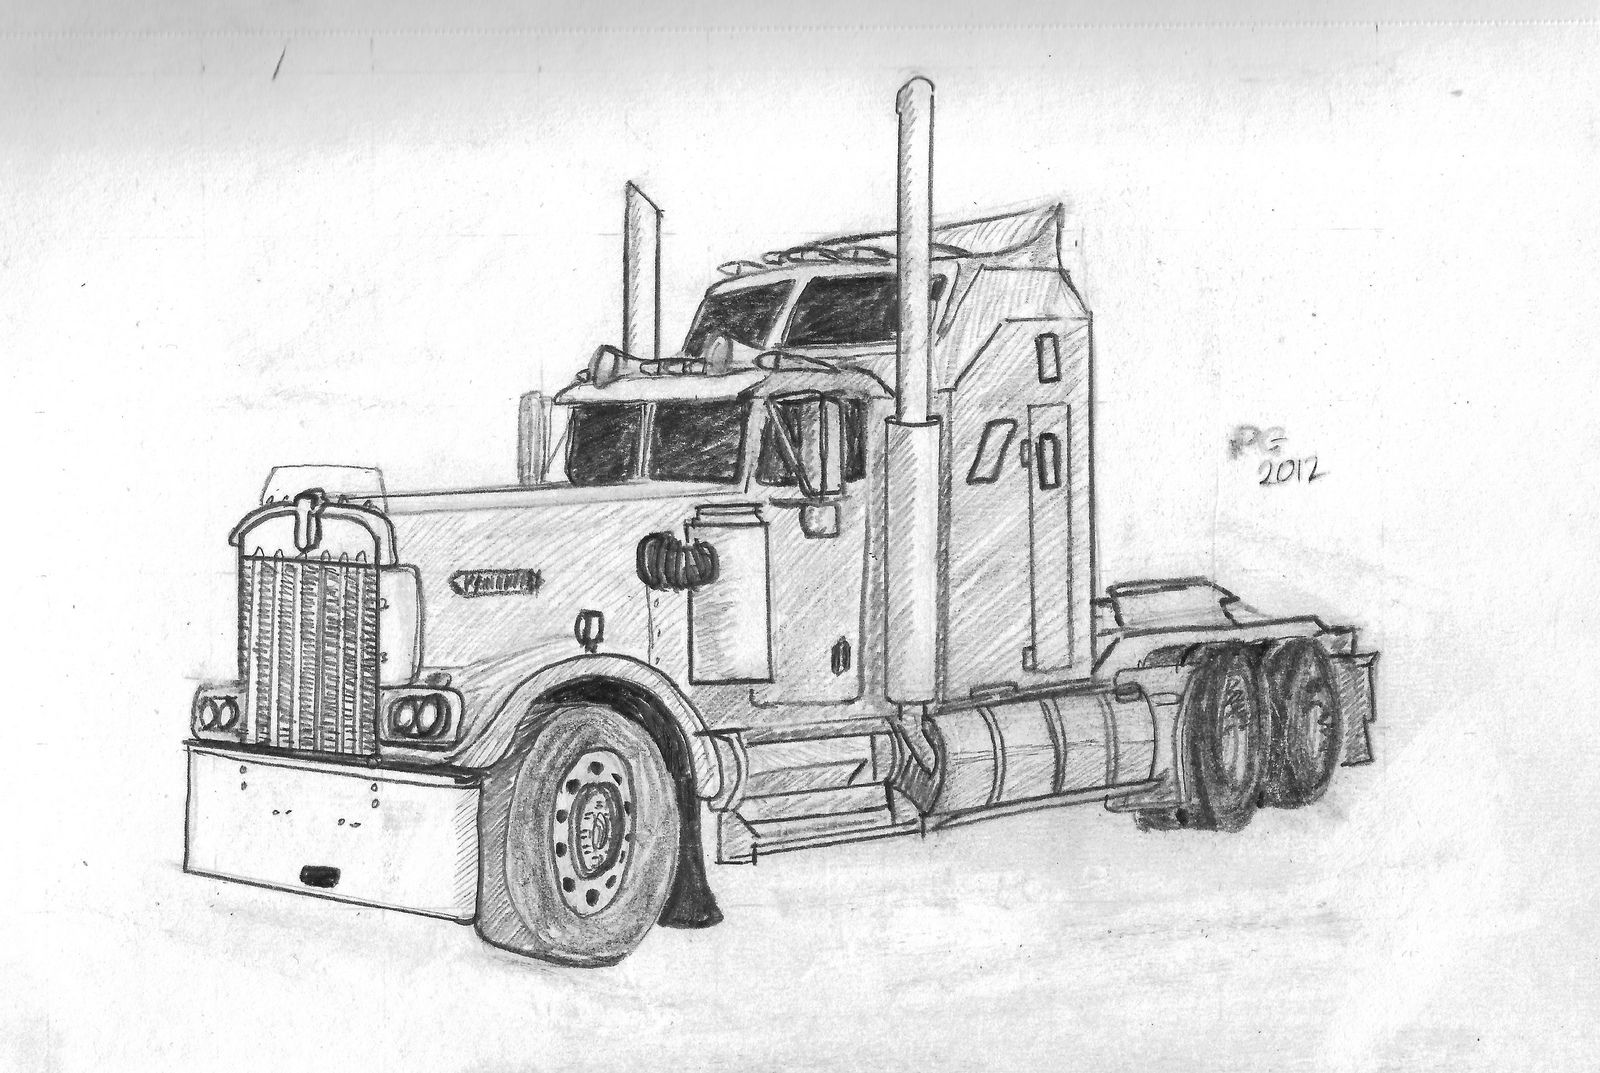 Truck Pencil Drawings Truck Drawings In Pencil Pencil Drawing A5 Size Truck Art Cool Drawings Semi Trucks